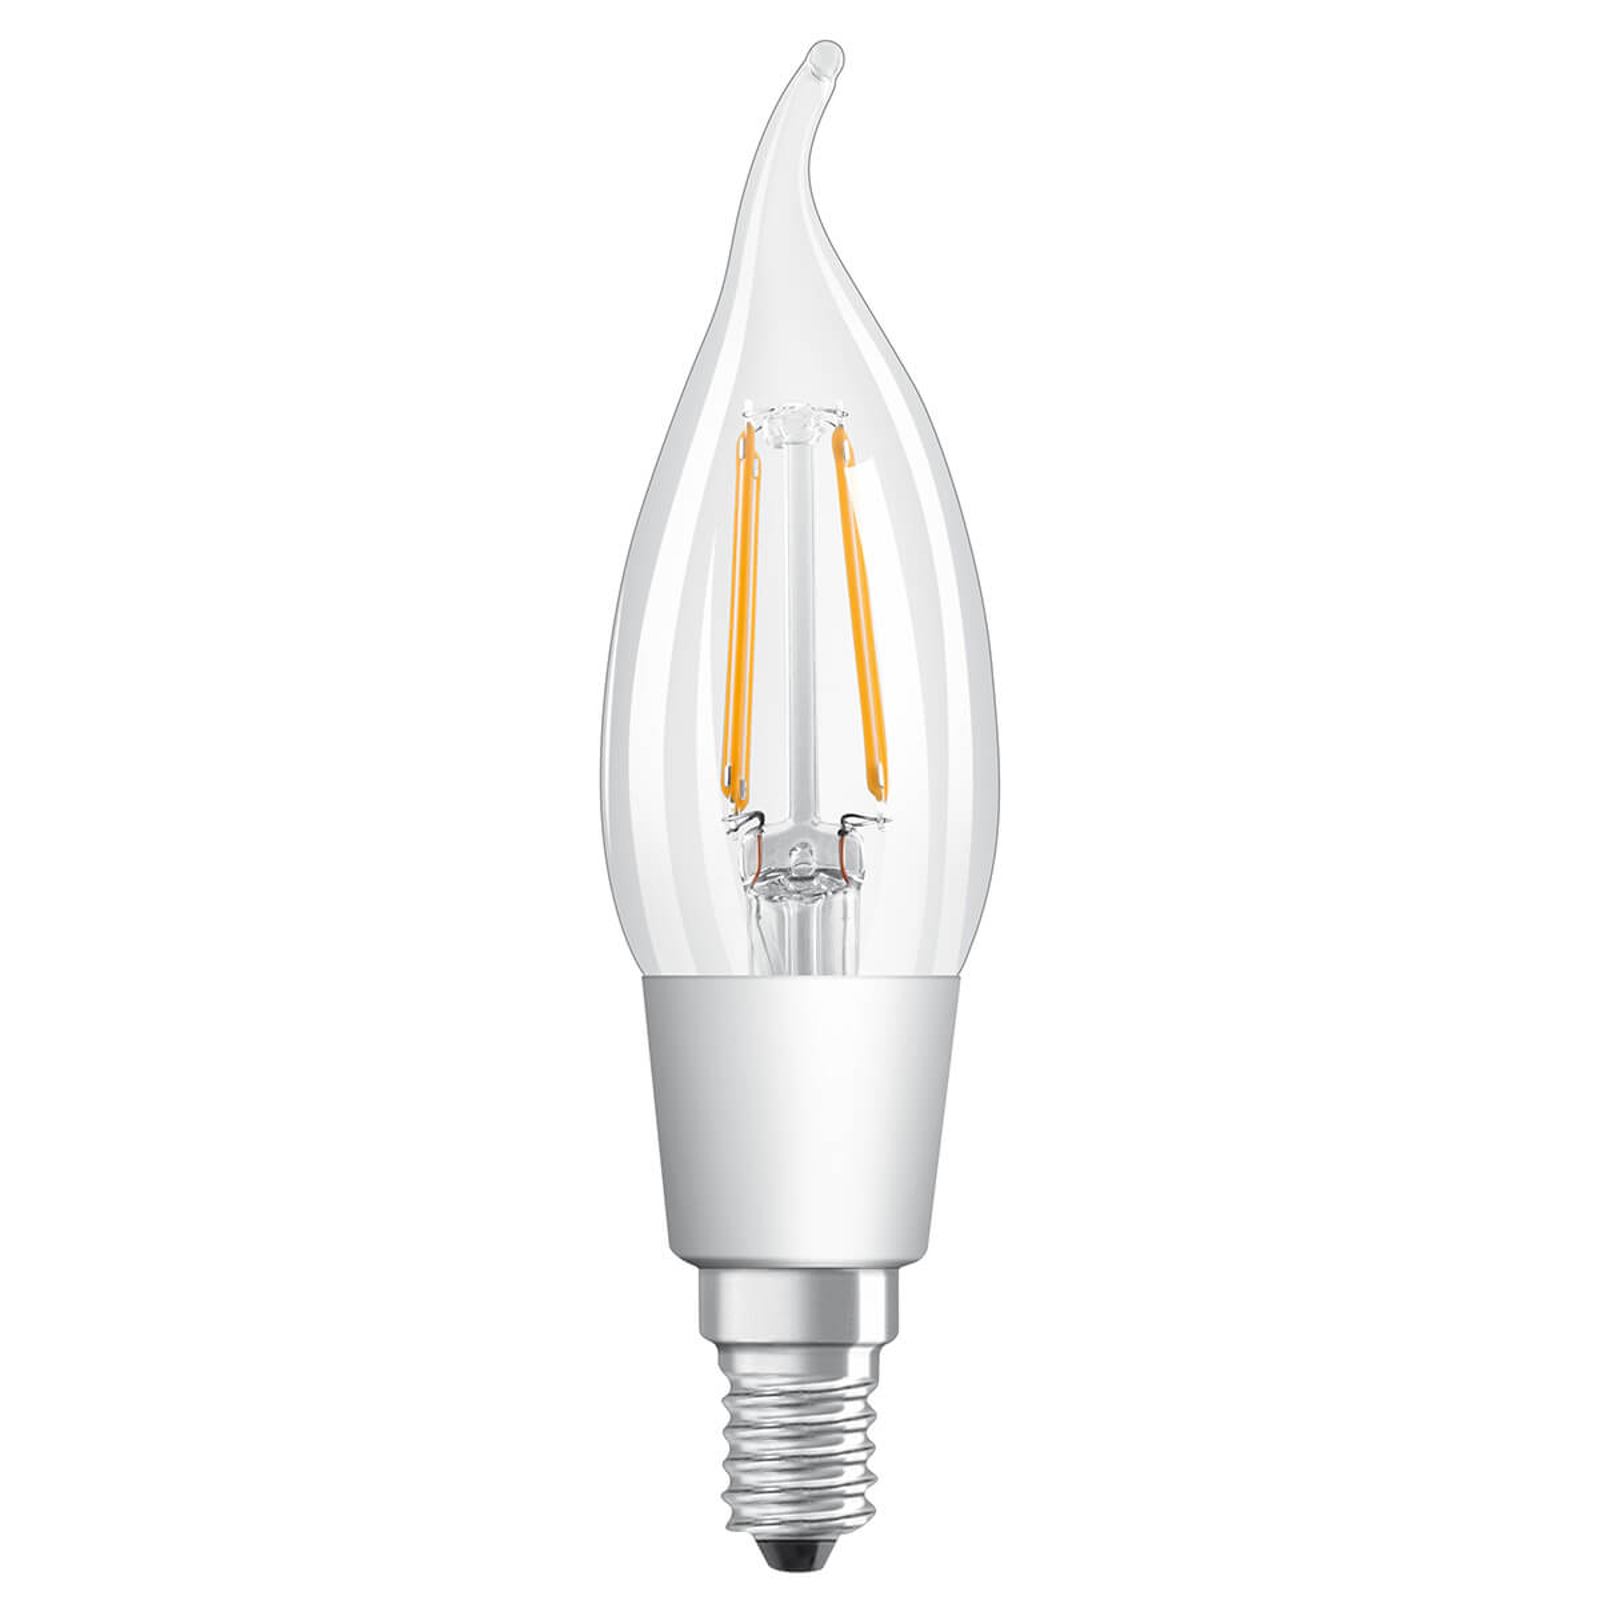 LED-vindkastpære E14 5W, varmhvit, dimbar, klar